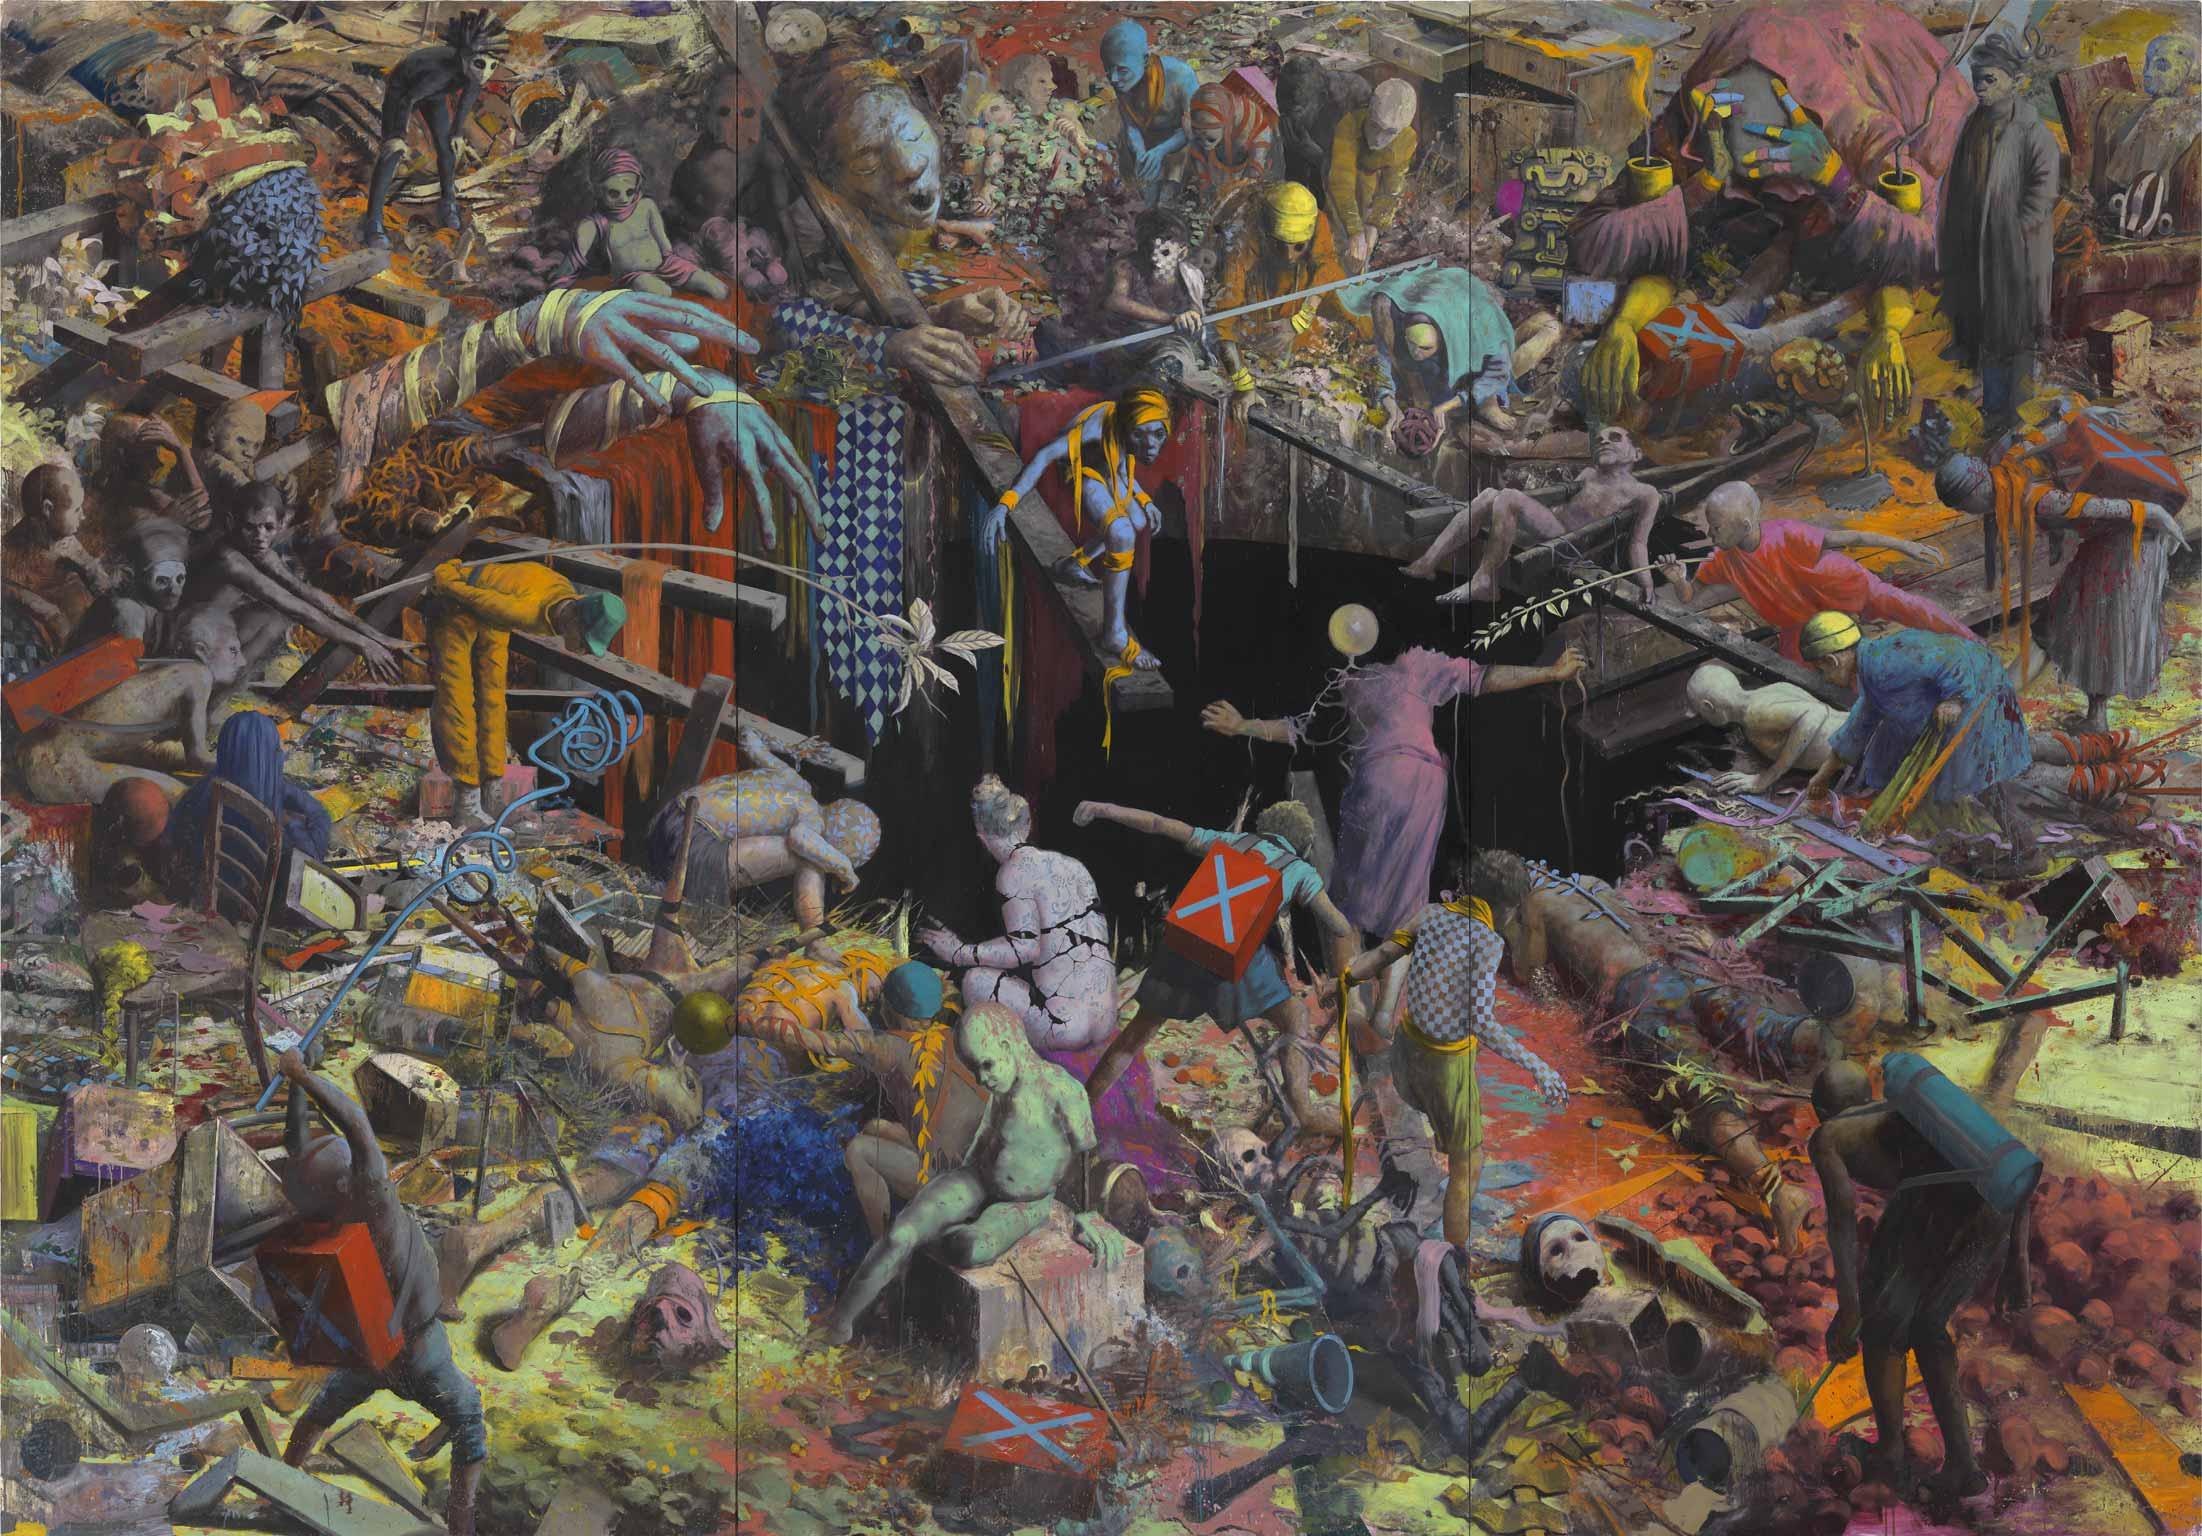 ПРЕДЧУВСТВИЕ ГРАЖДАНСКОЙ ВОЙНЫ Jonas-Burgert_Sinn-bleibt-Viech_2013_380x540cm_PC-Lepkowski-Studios